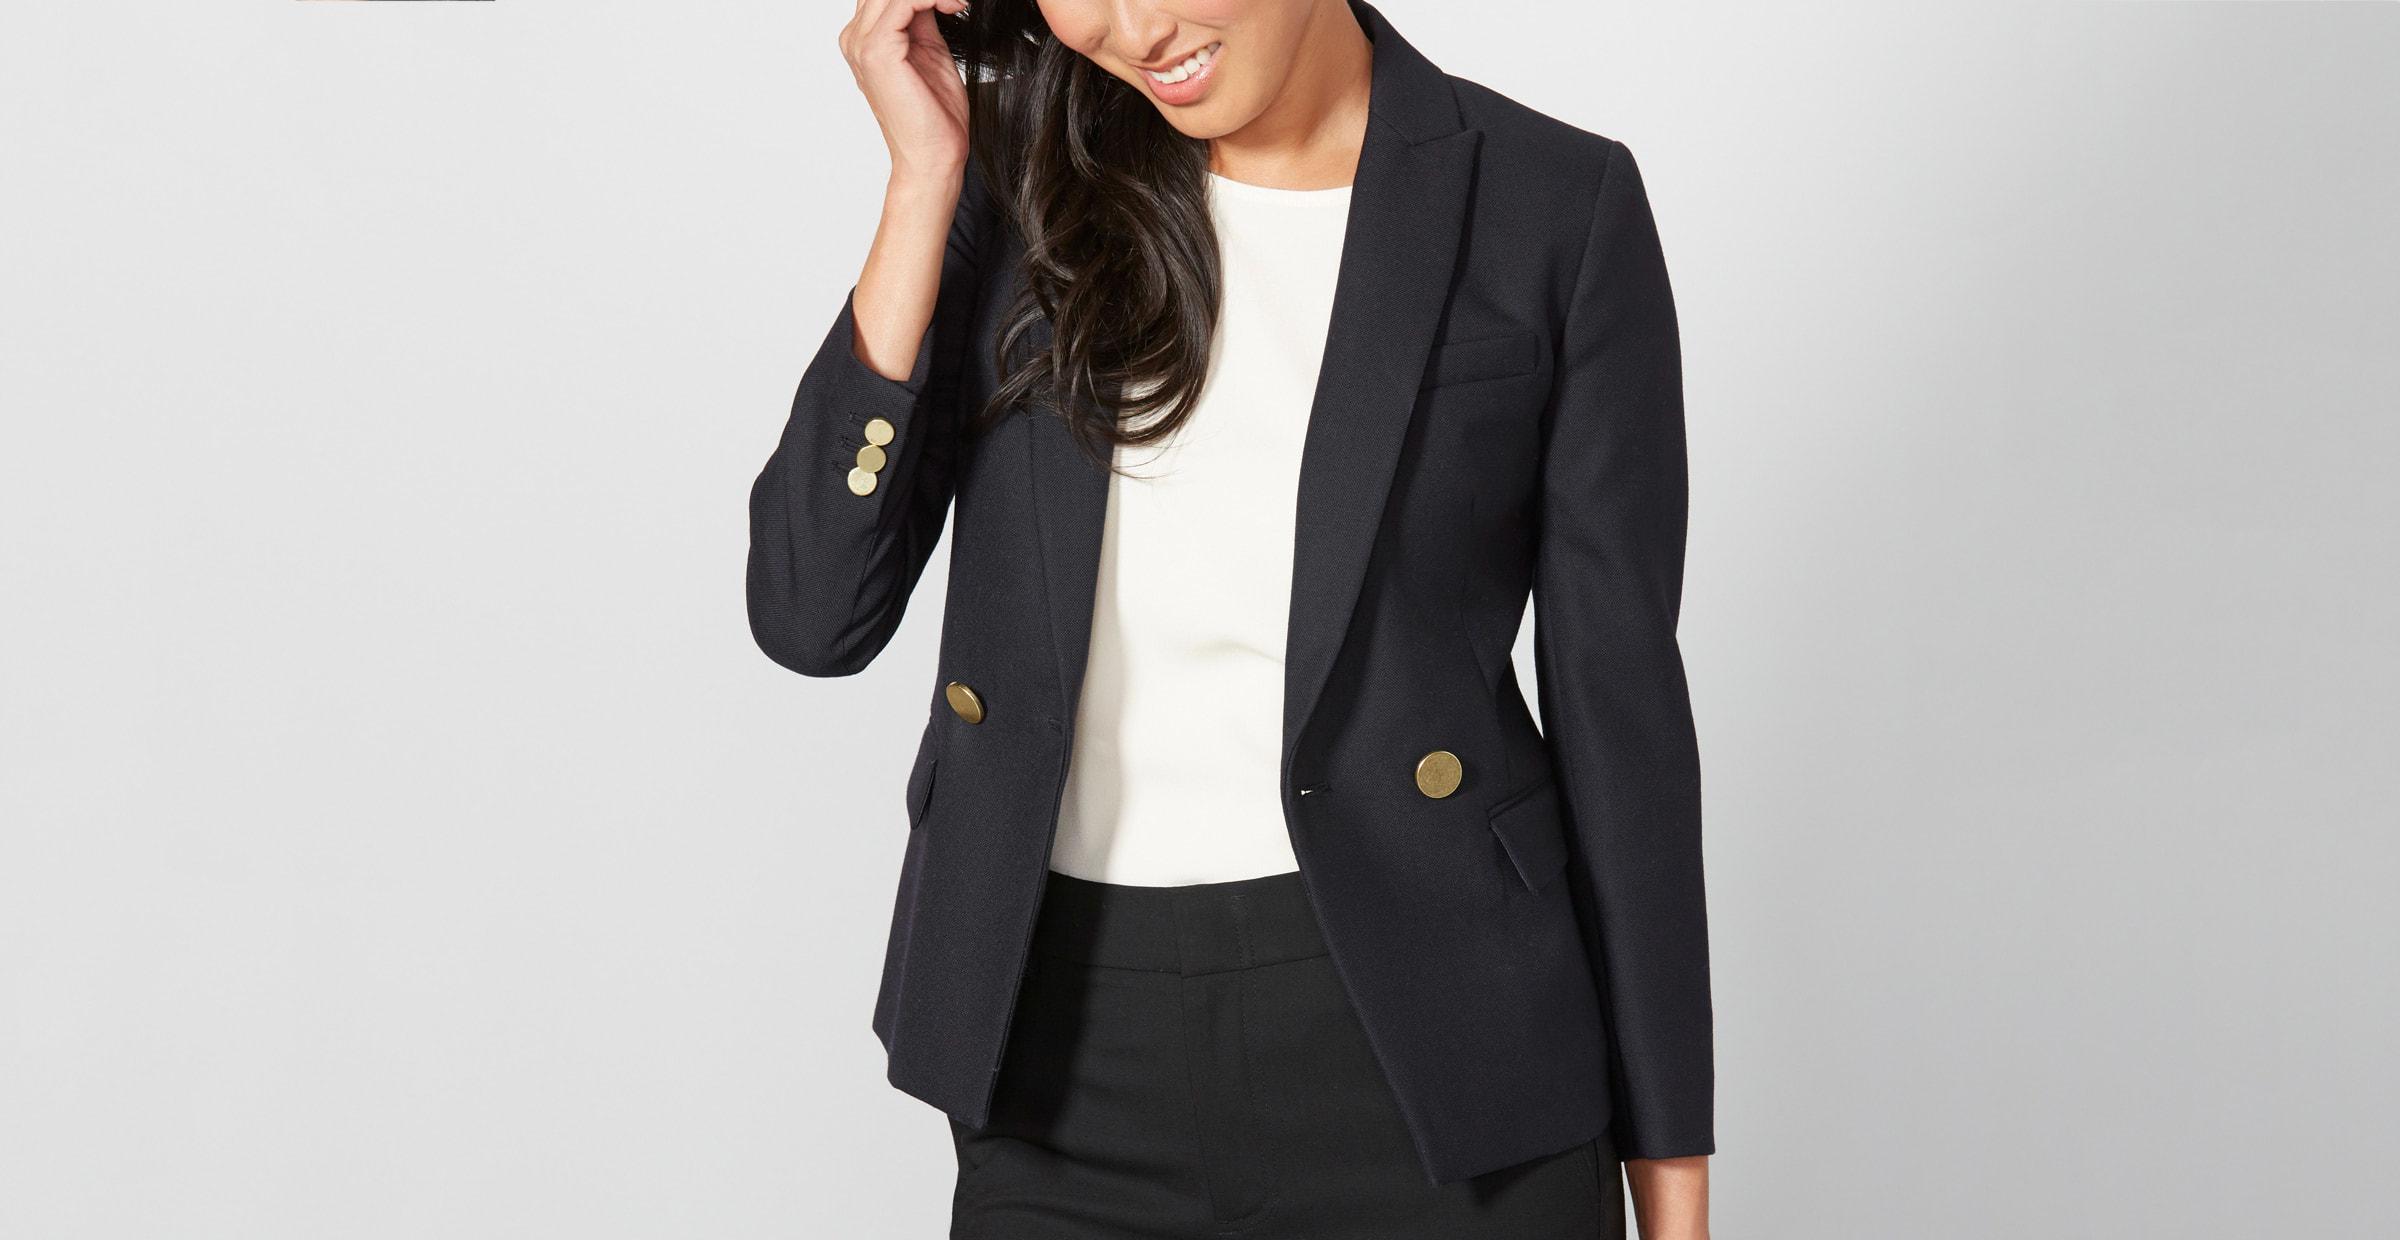 Women in a black one button blazer